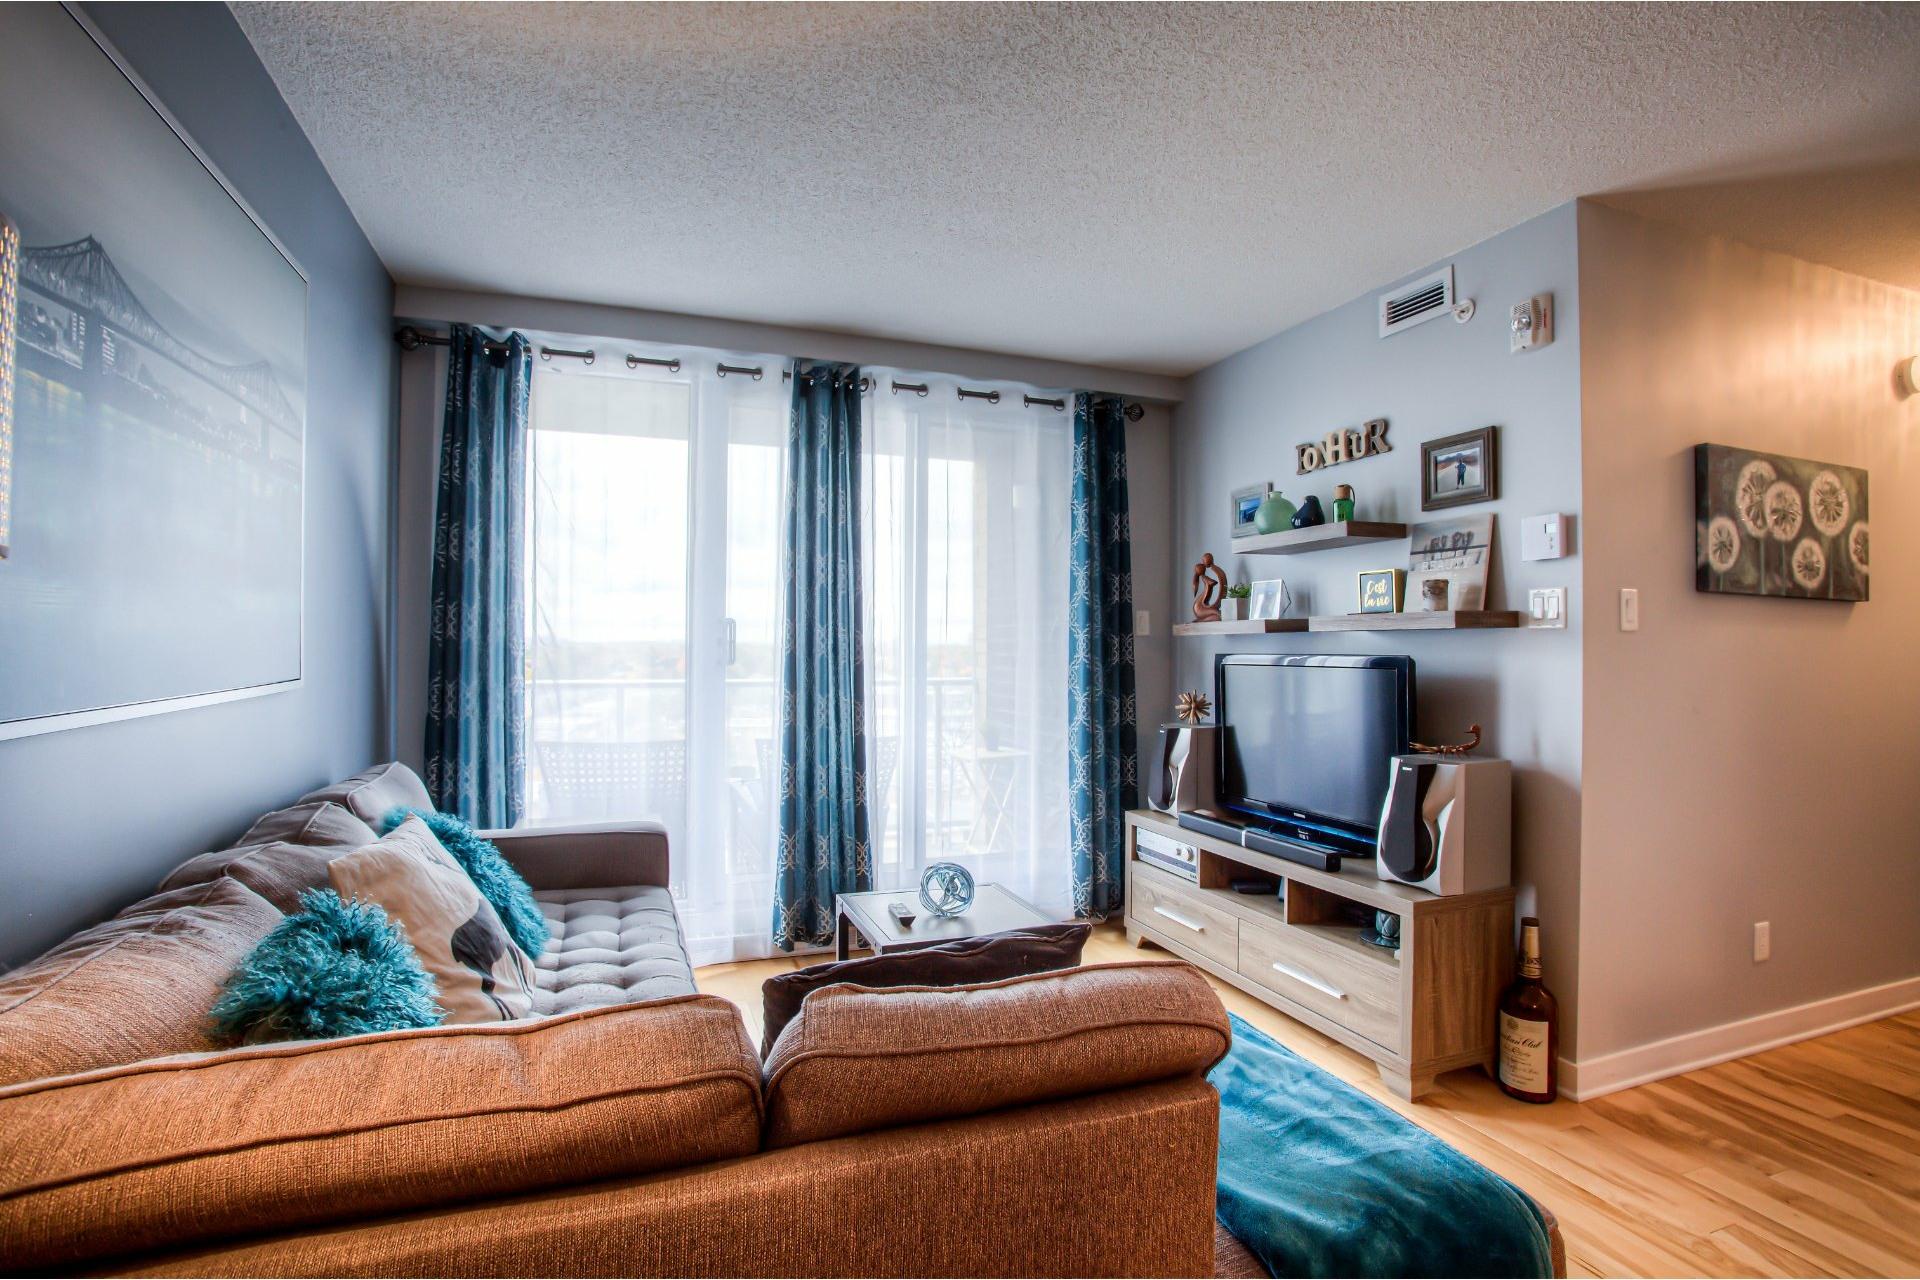 image 10 - Appartement À vendre Ahuntsic-Cartierville Montréal  - 5 pièces